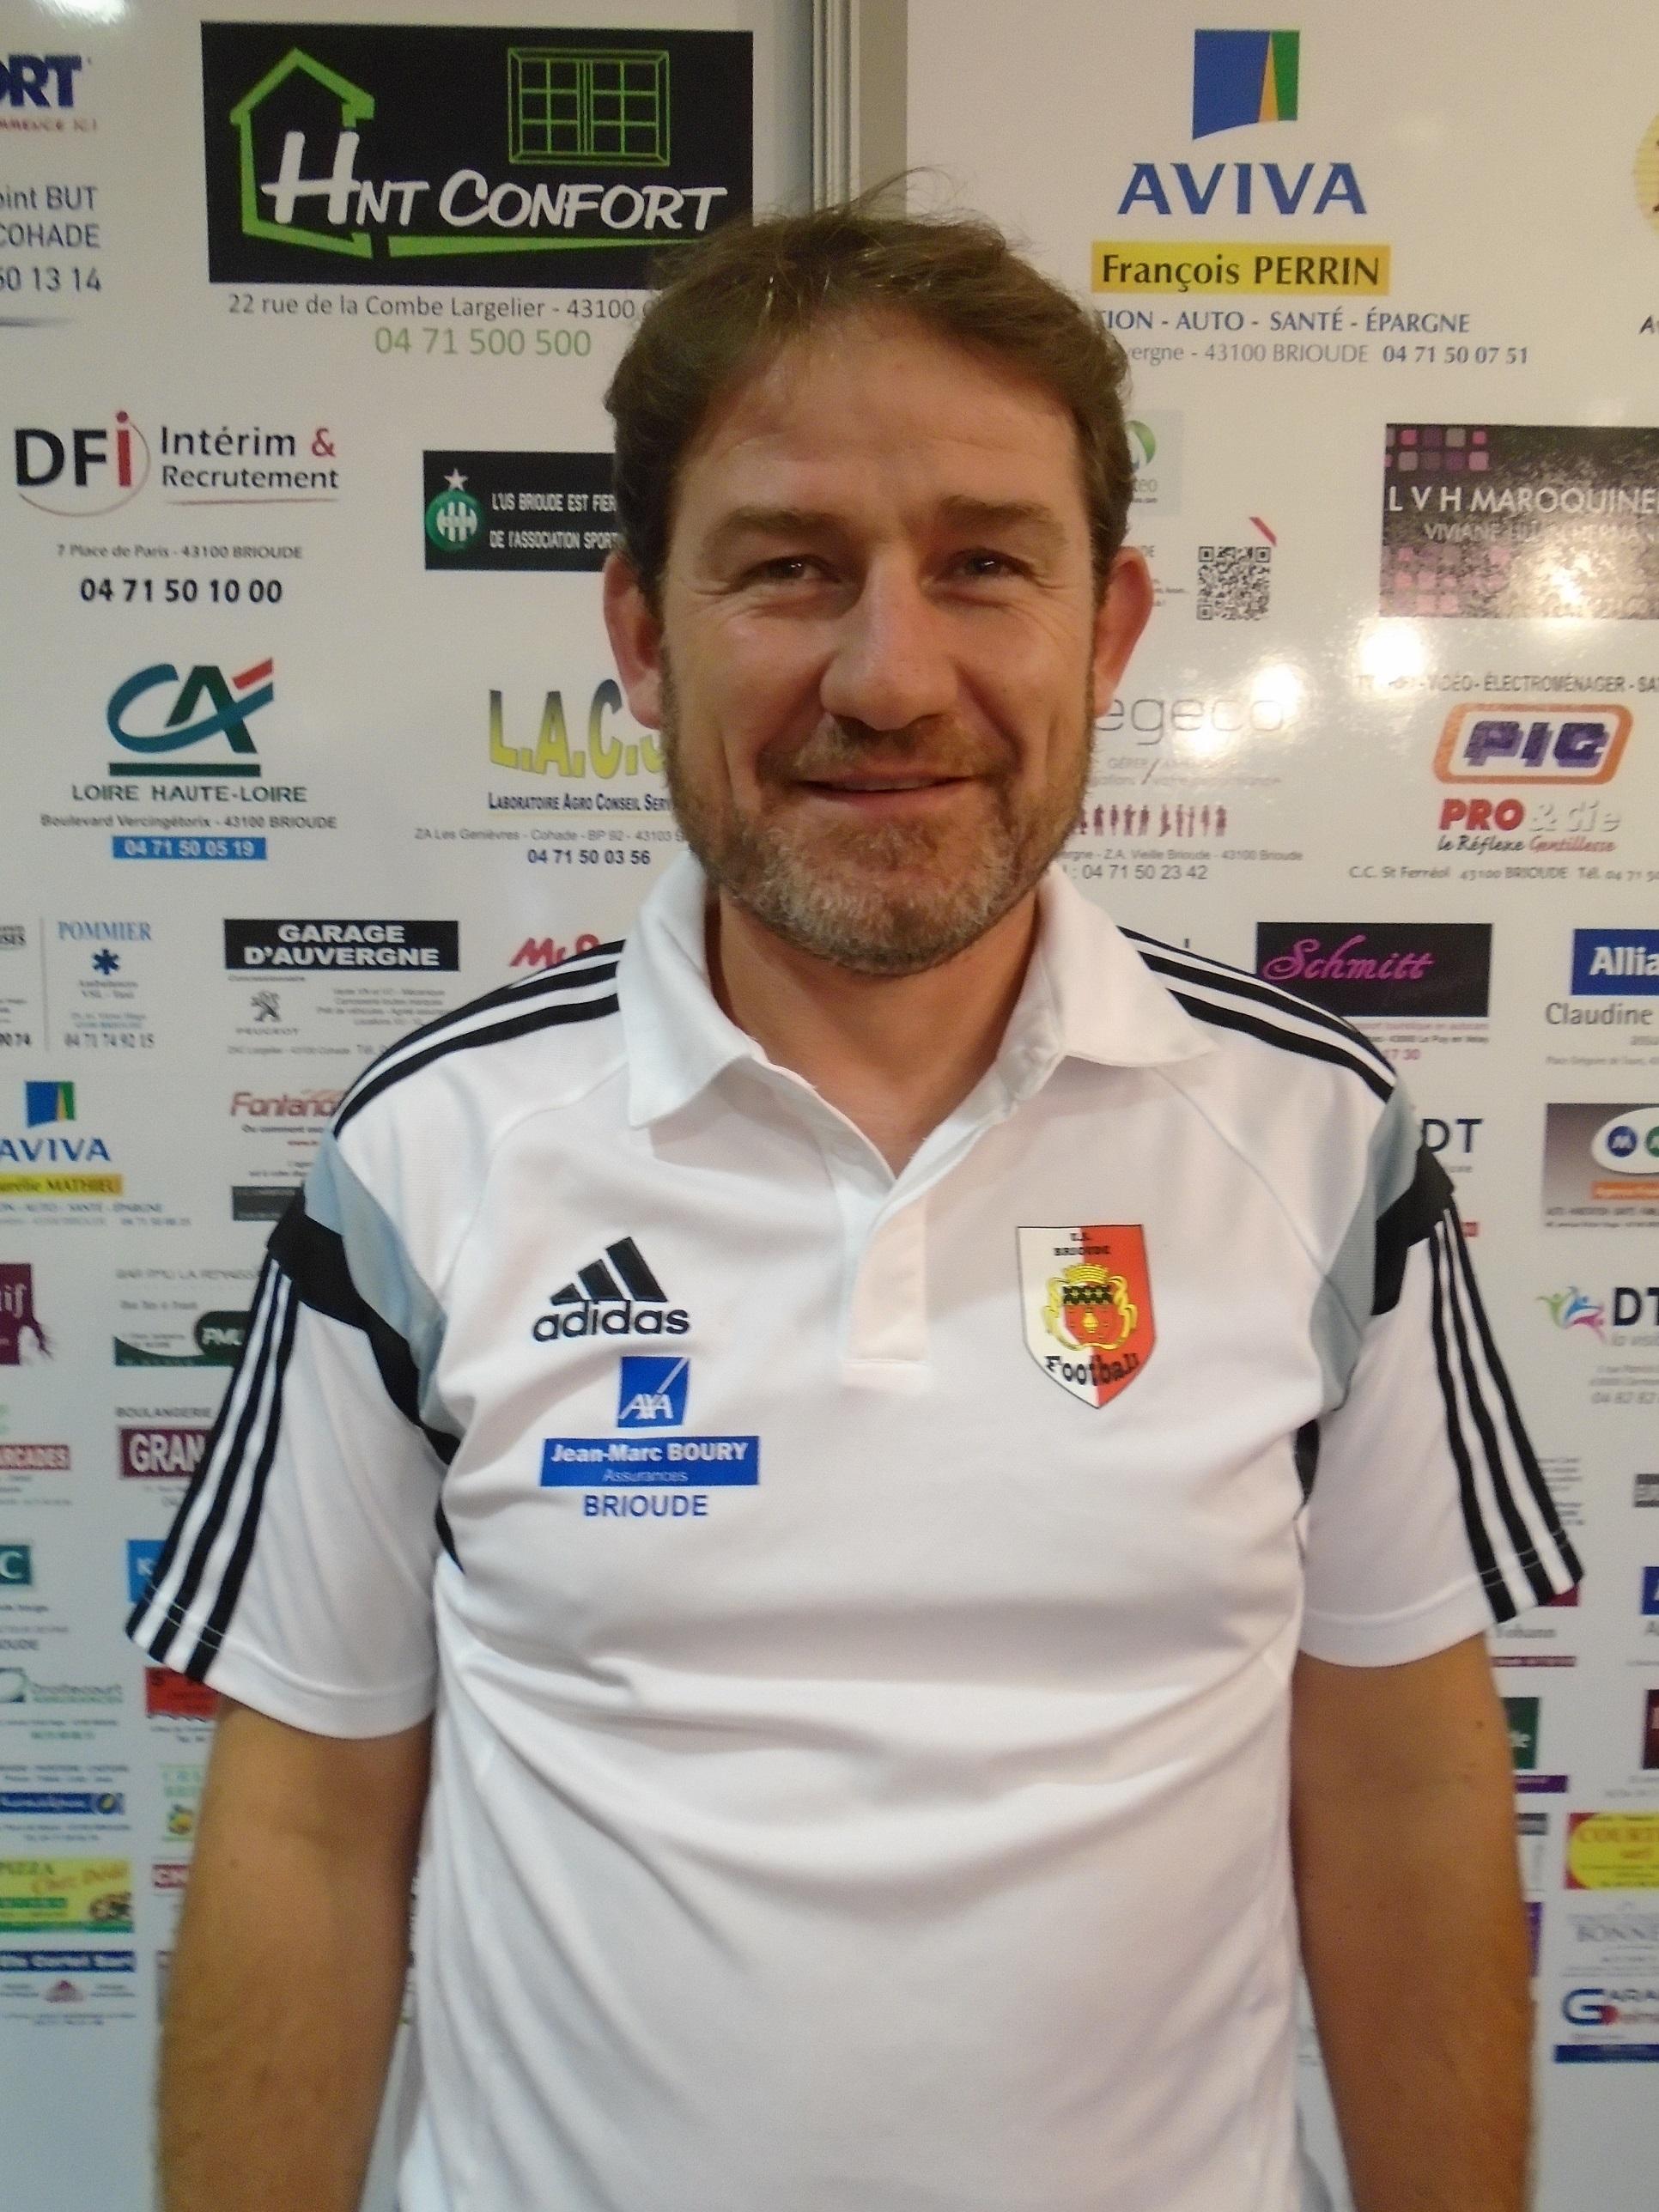 régionale 2 foot Auvergne brioude 1-4 le cendre réac après match 200318